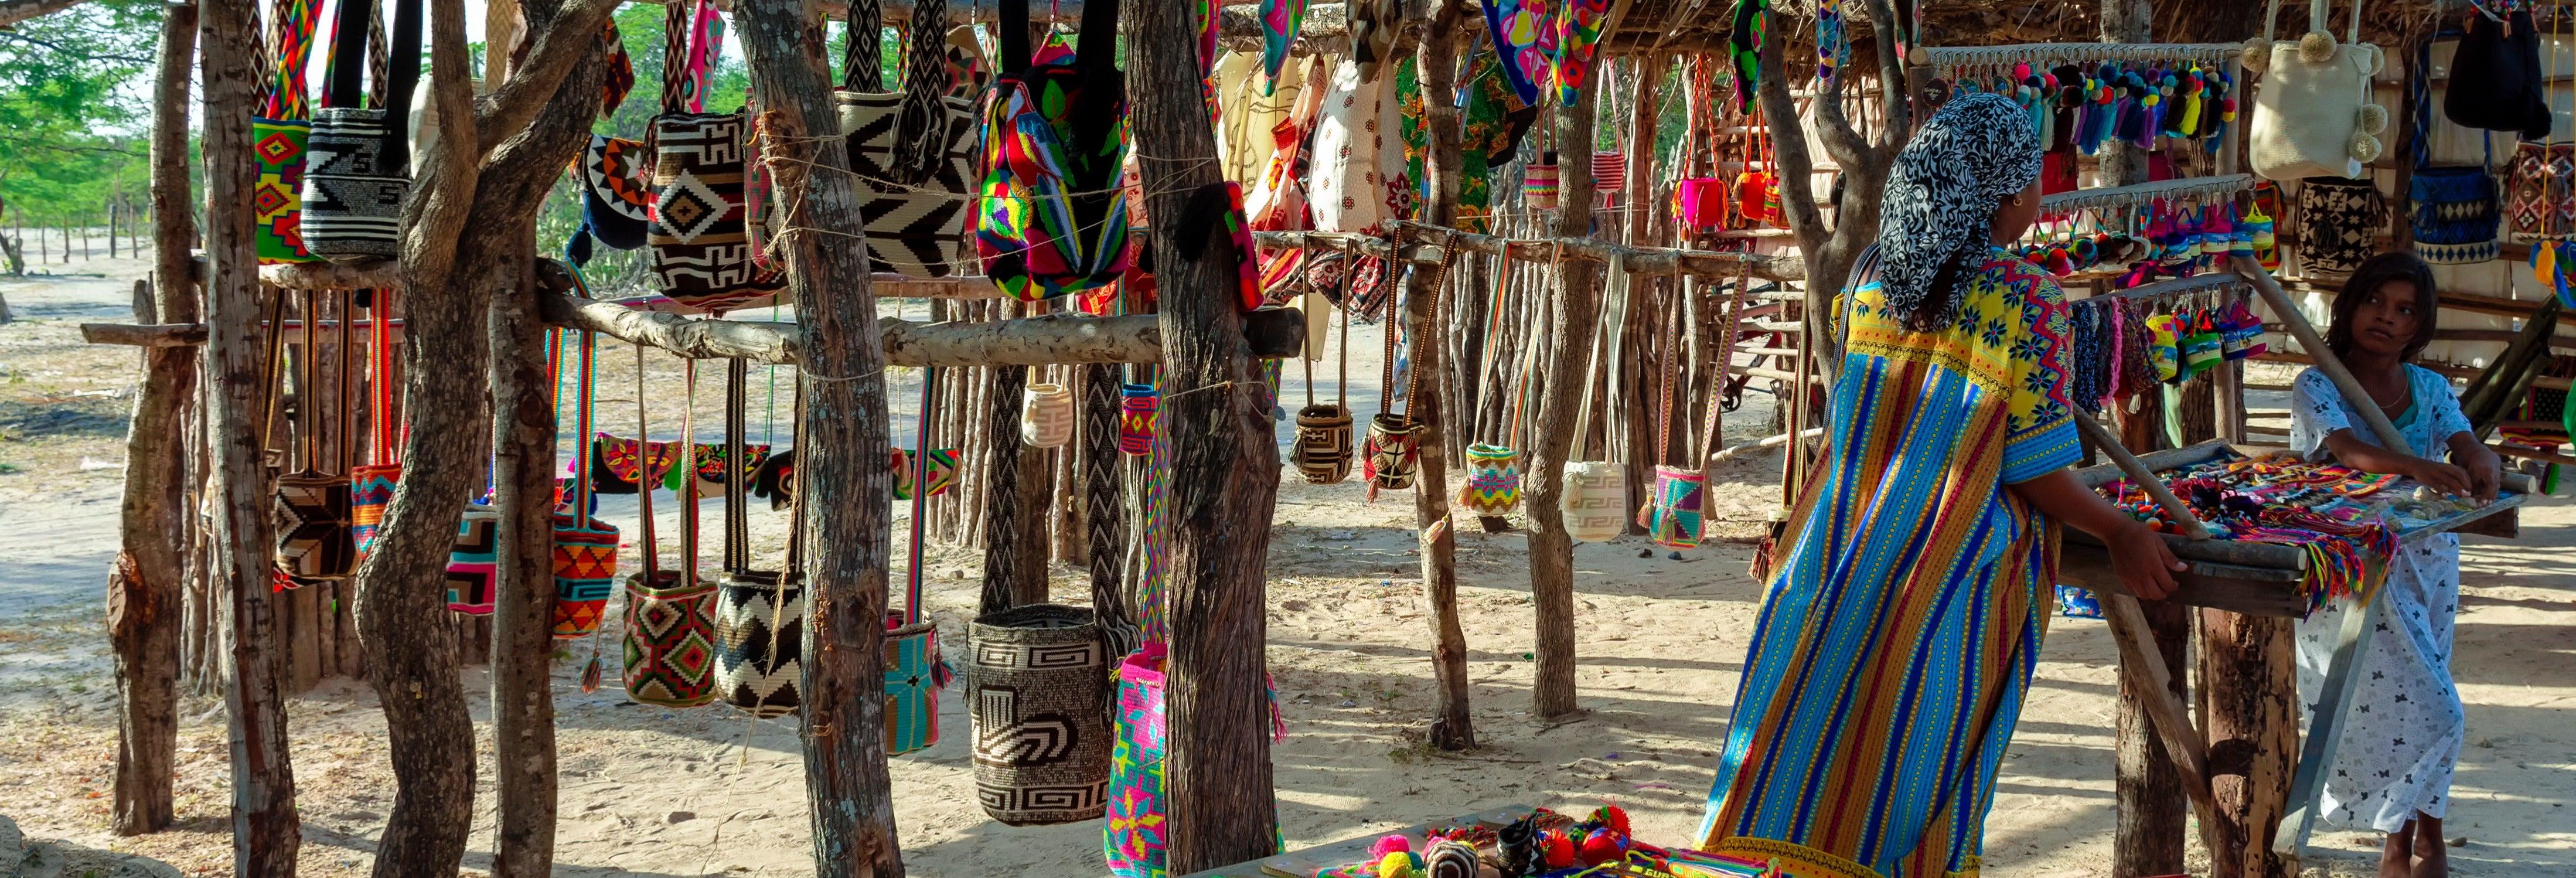 Visita a una ranchería wayúu